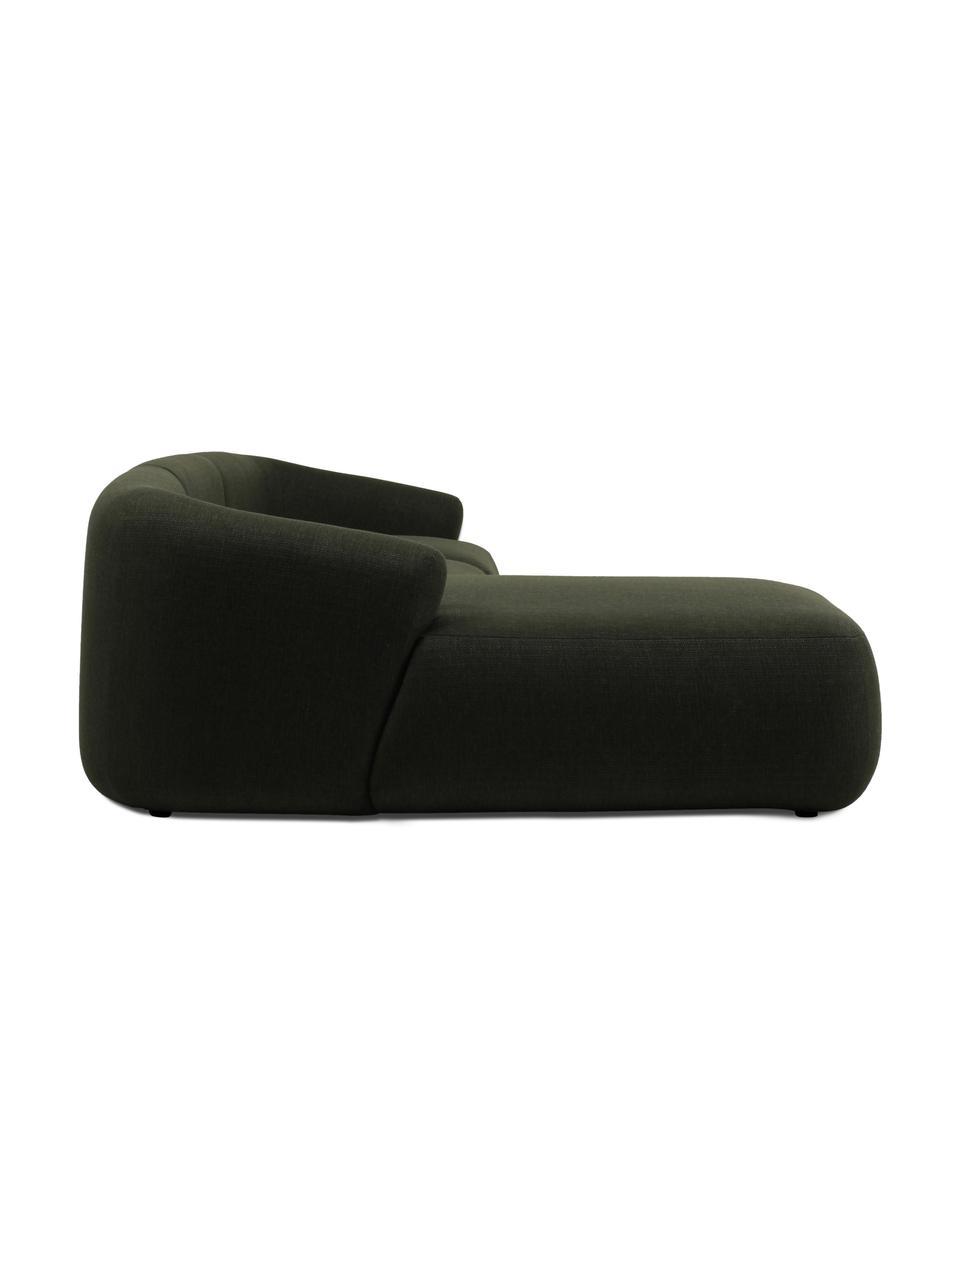 Narożna sofa modułowa Sofia, Tapicerka: 100% polipropylen Dzięki , Stelaż: lite drewno sosnowe, płyt, Nogi: tworzywo sztuczne, Zielony, S 278 x G 174 cm